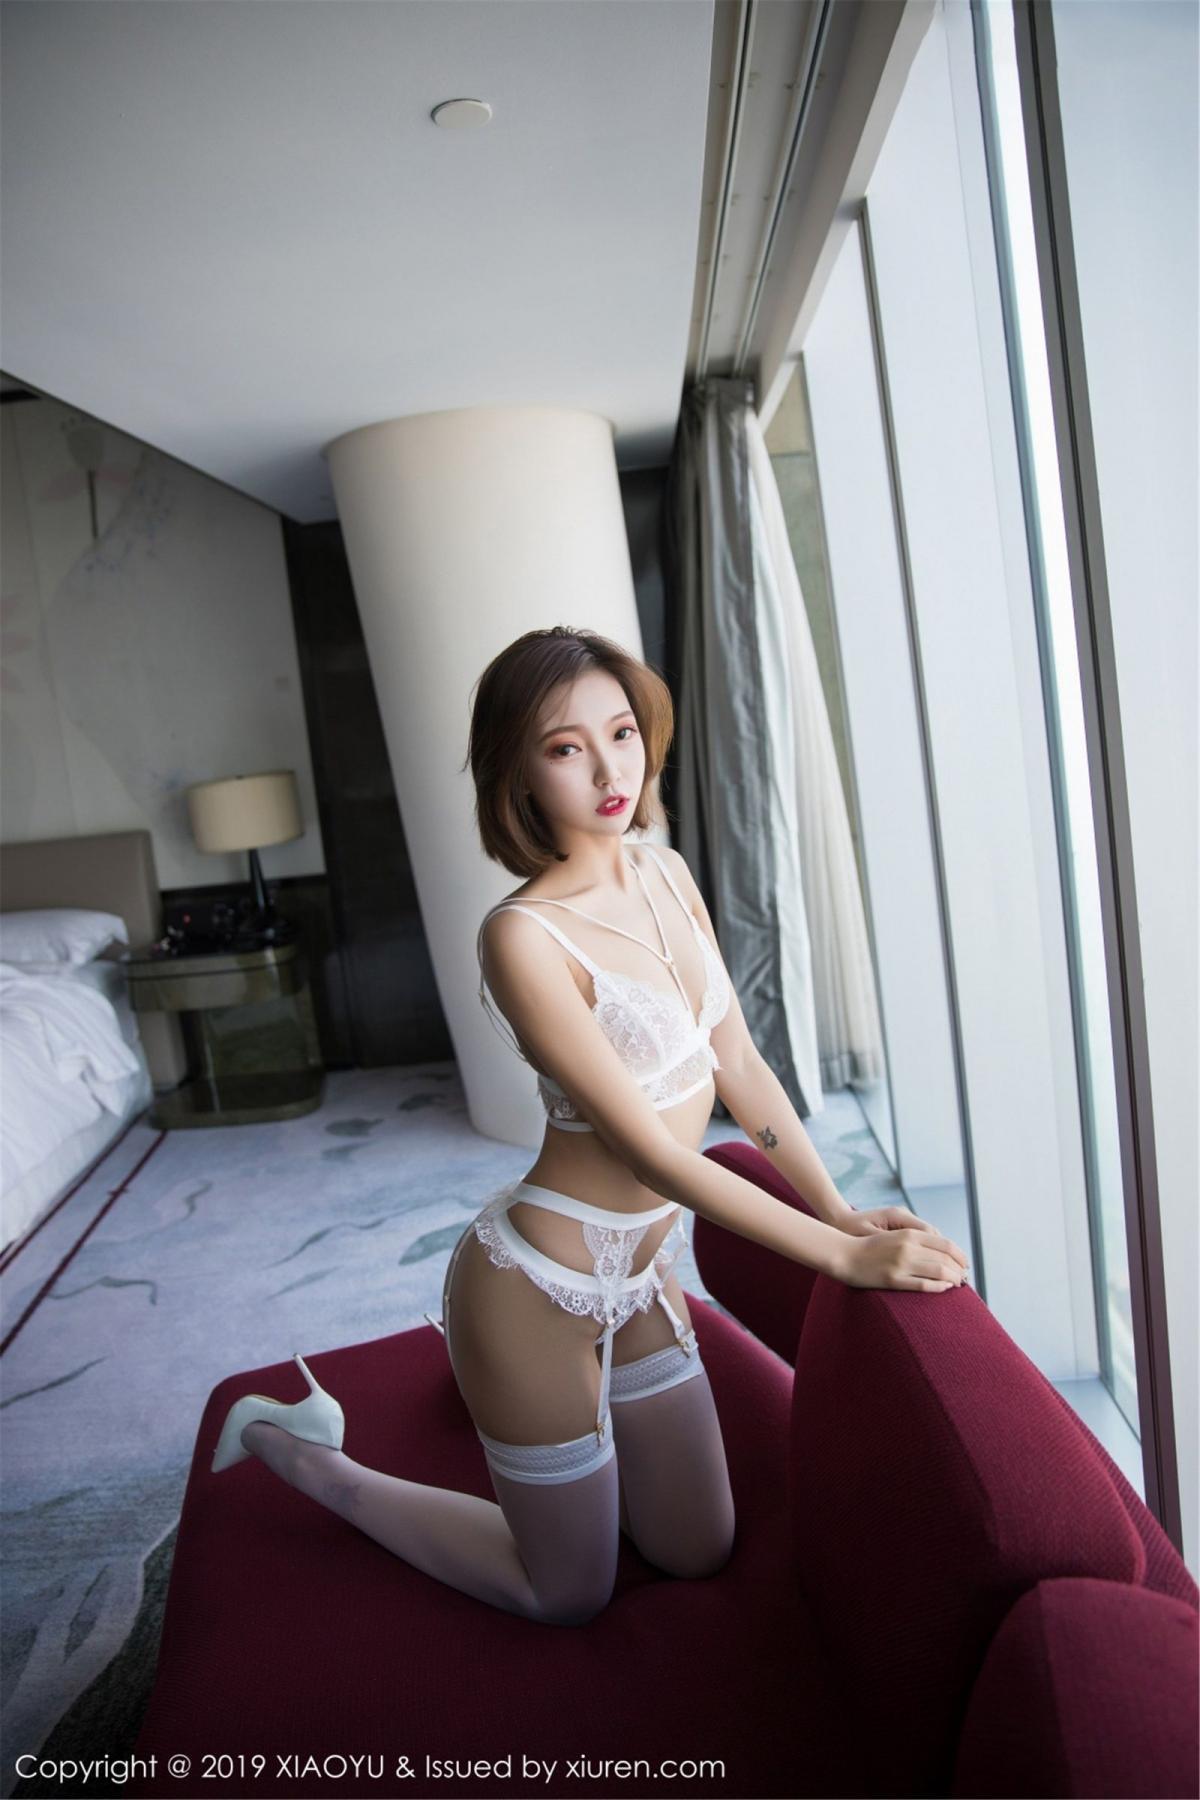 [XiaoYu] Vol.053 Lris 29P, Feng Mu Mu, Tall, Underwear, XiaoYu